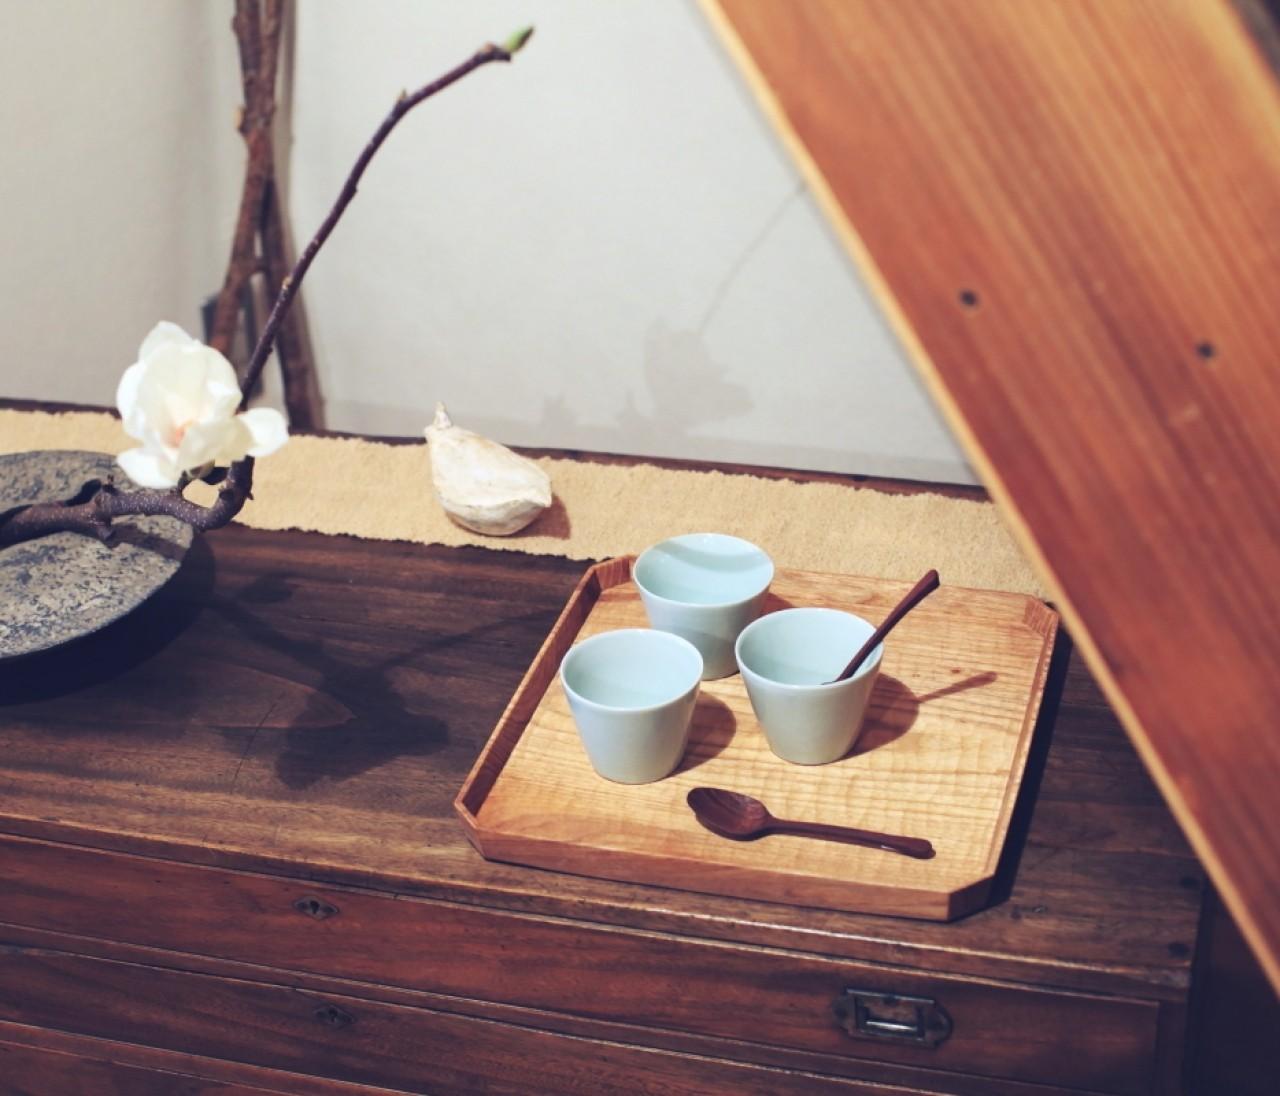 お気に入りの作家を見つけたい!素敵な器が買える大阪の店③【関西のイケスポ】